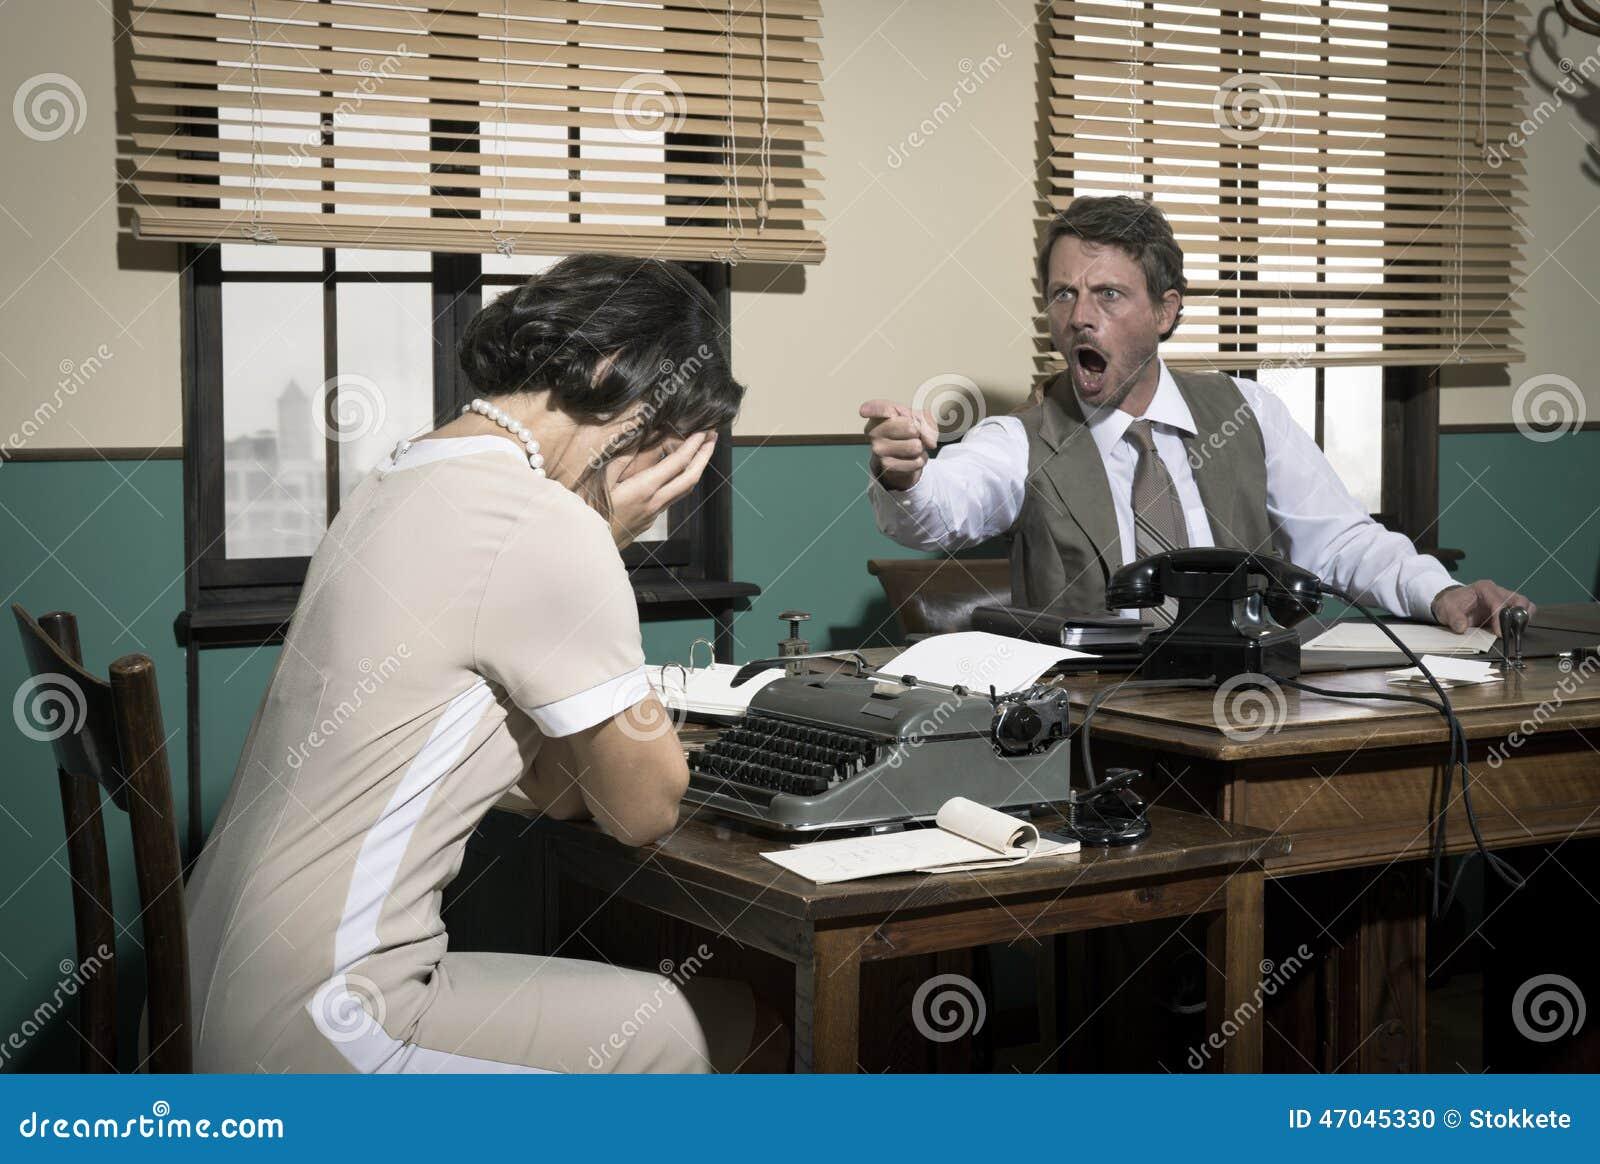 dirigez l 39 argumentation avec le jeune secr taire dans le bureau photo stock image 47045330. Black Bedroom Furniture Sets. Home Design Ideas